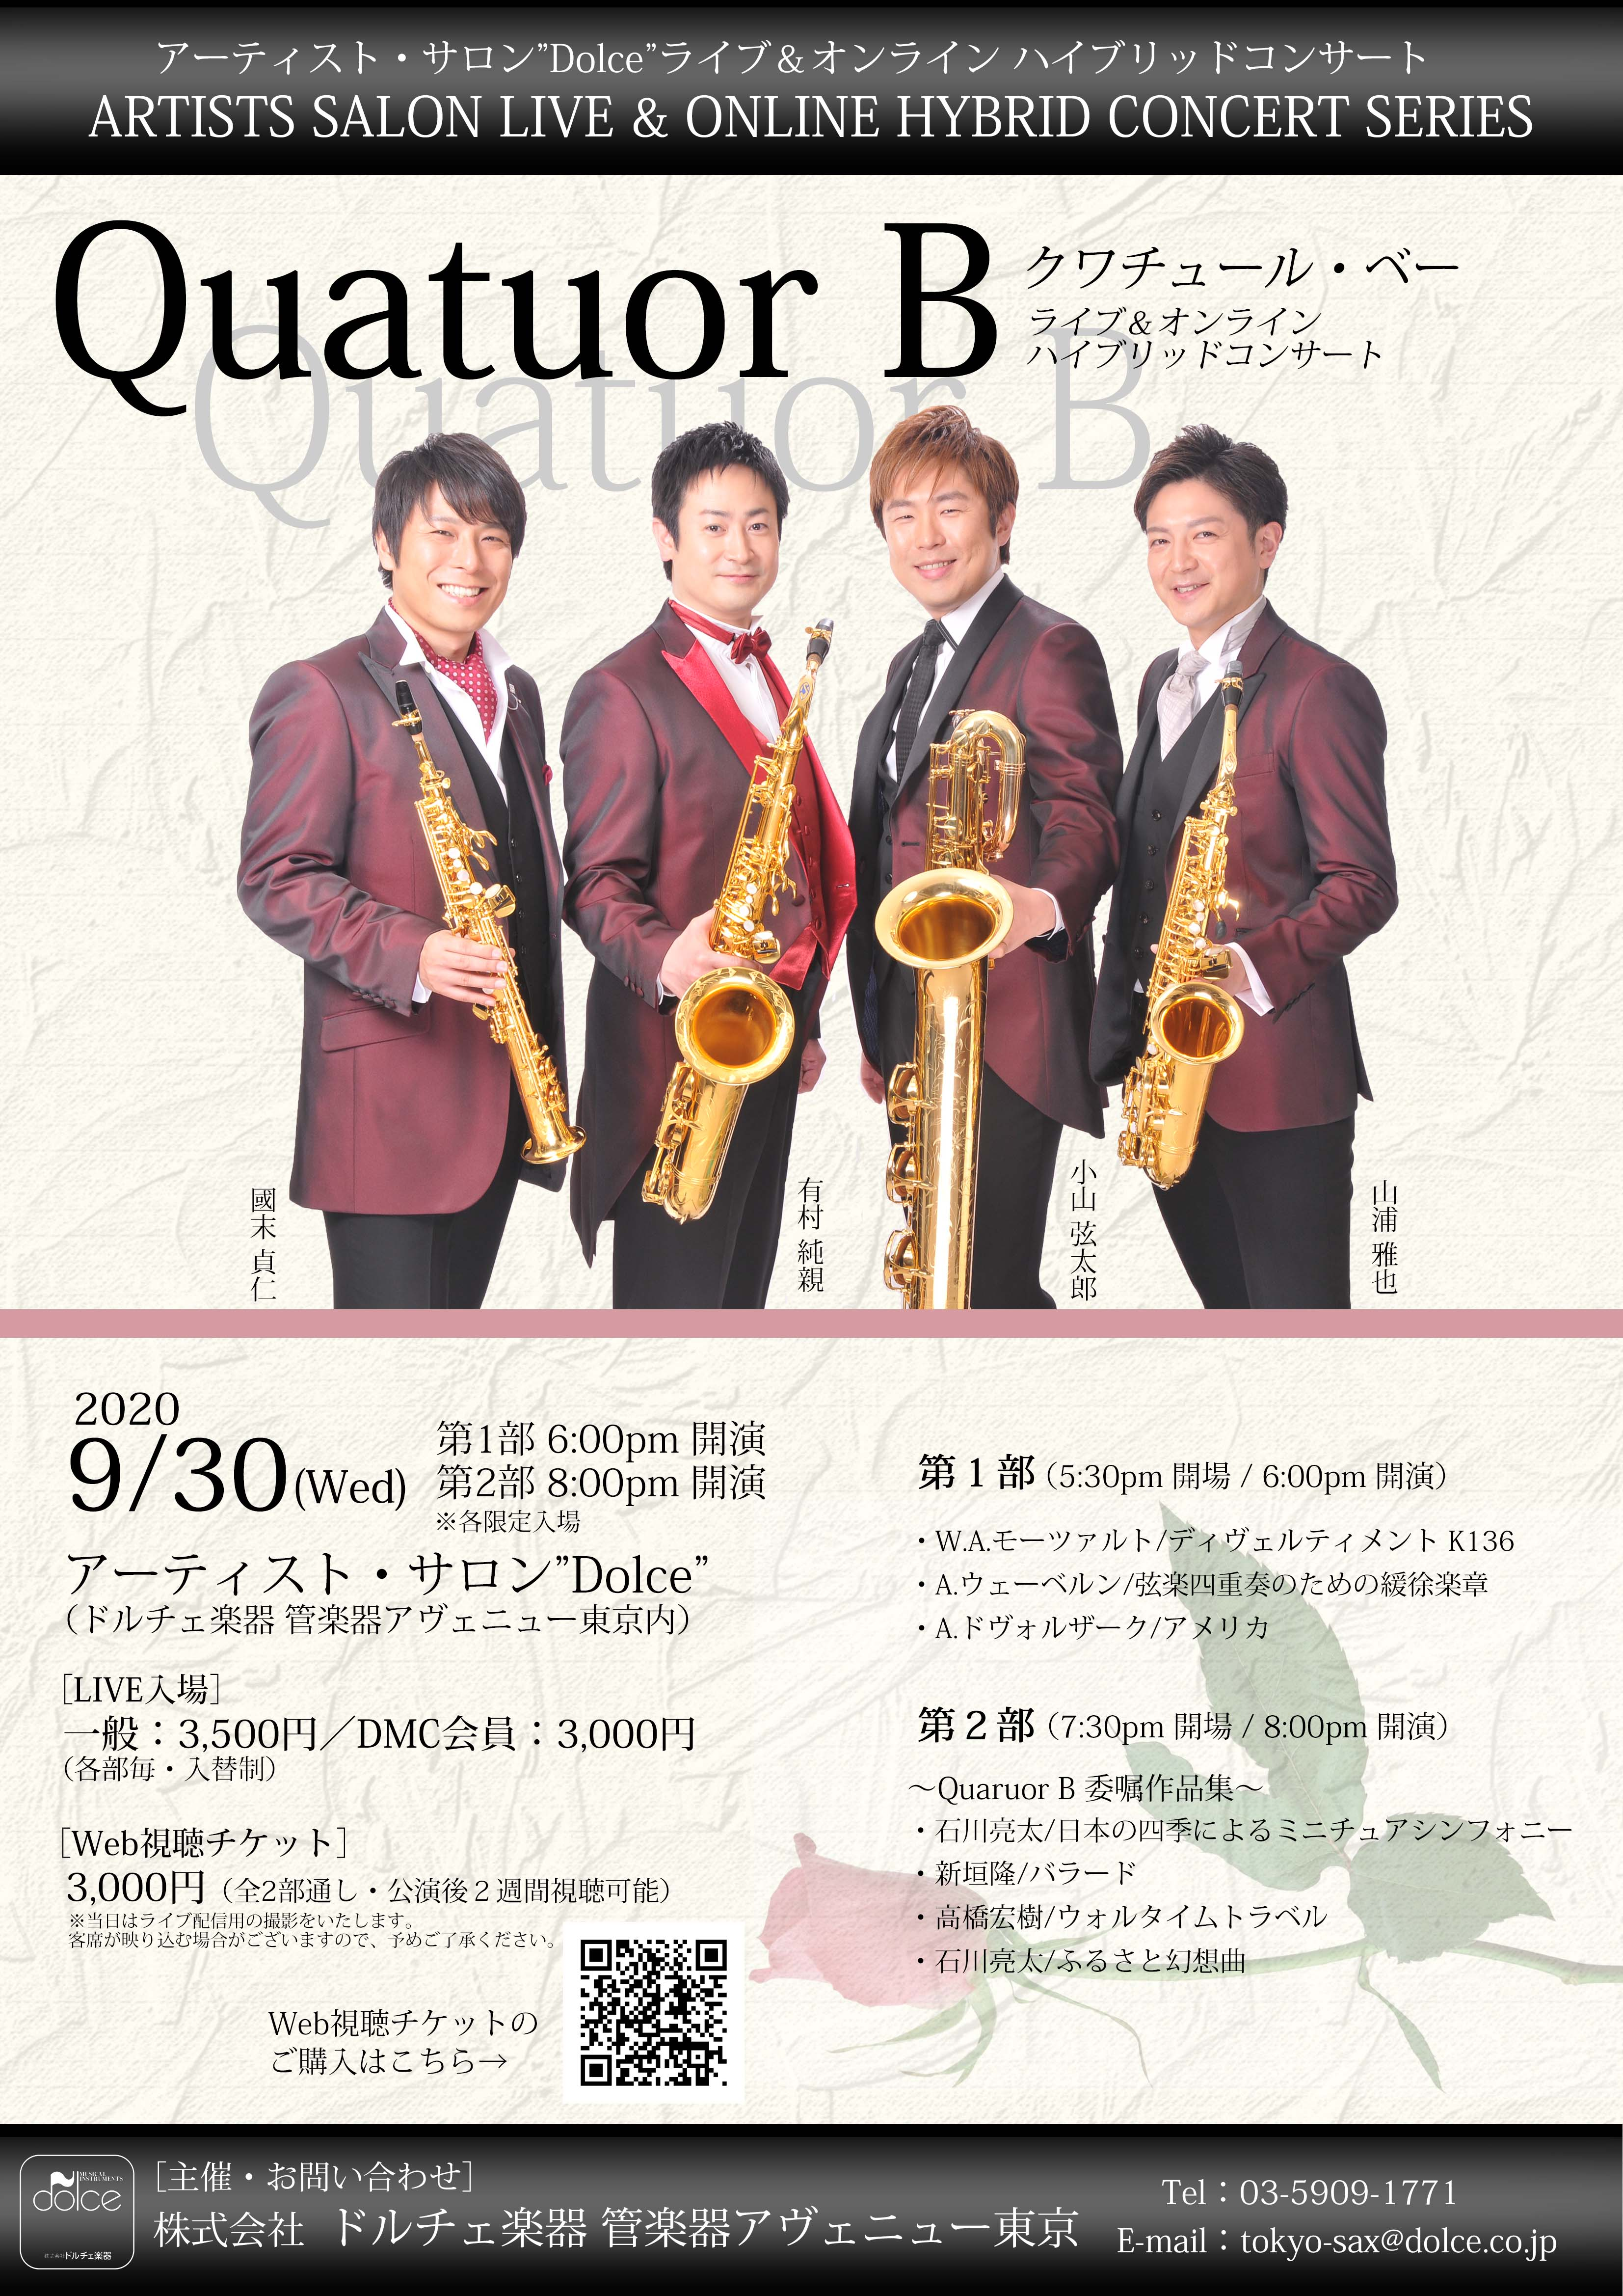 QuatuorB Hybrid Concert